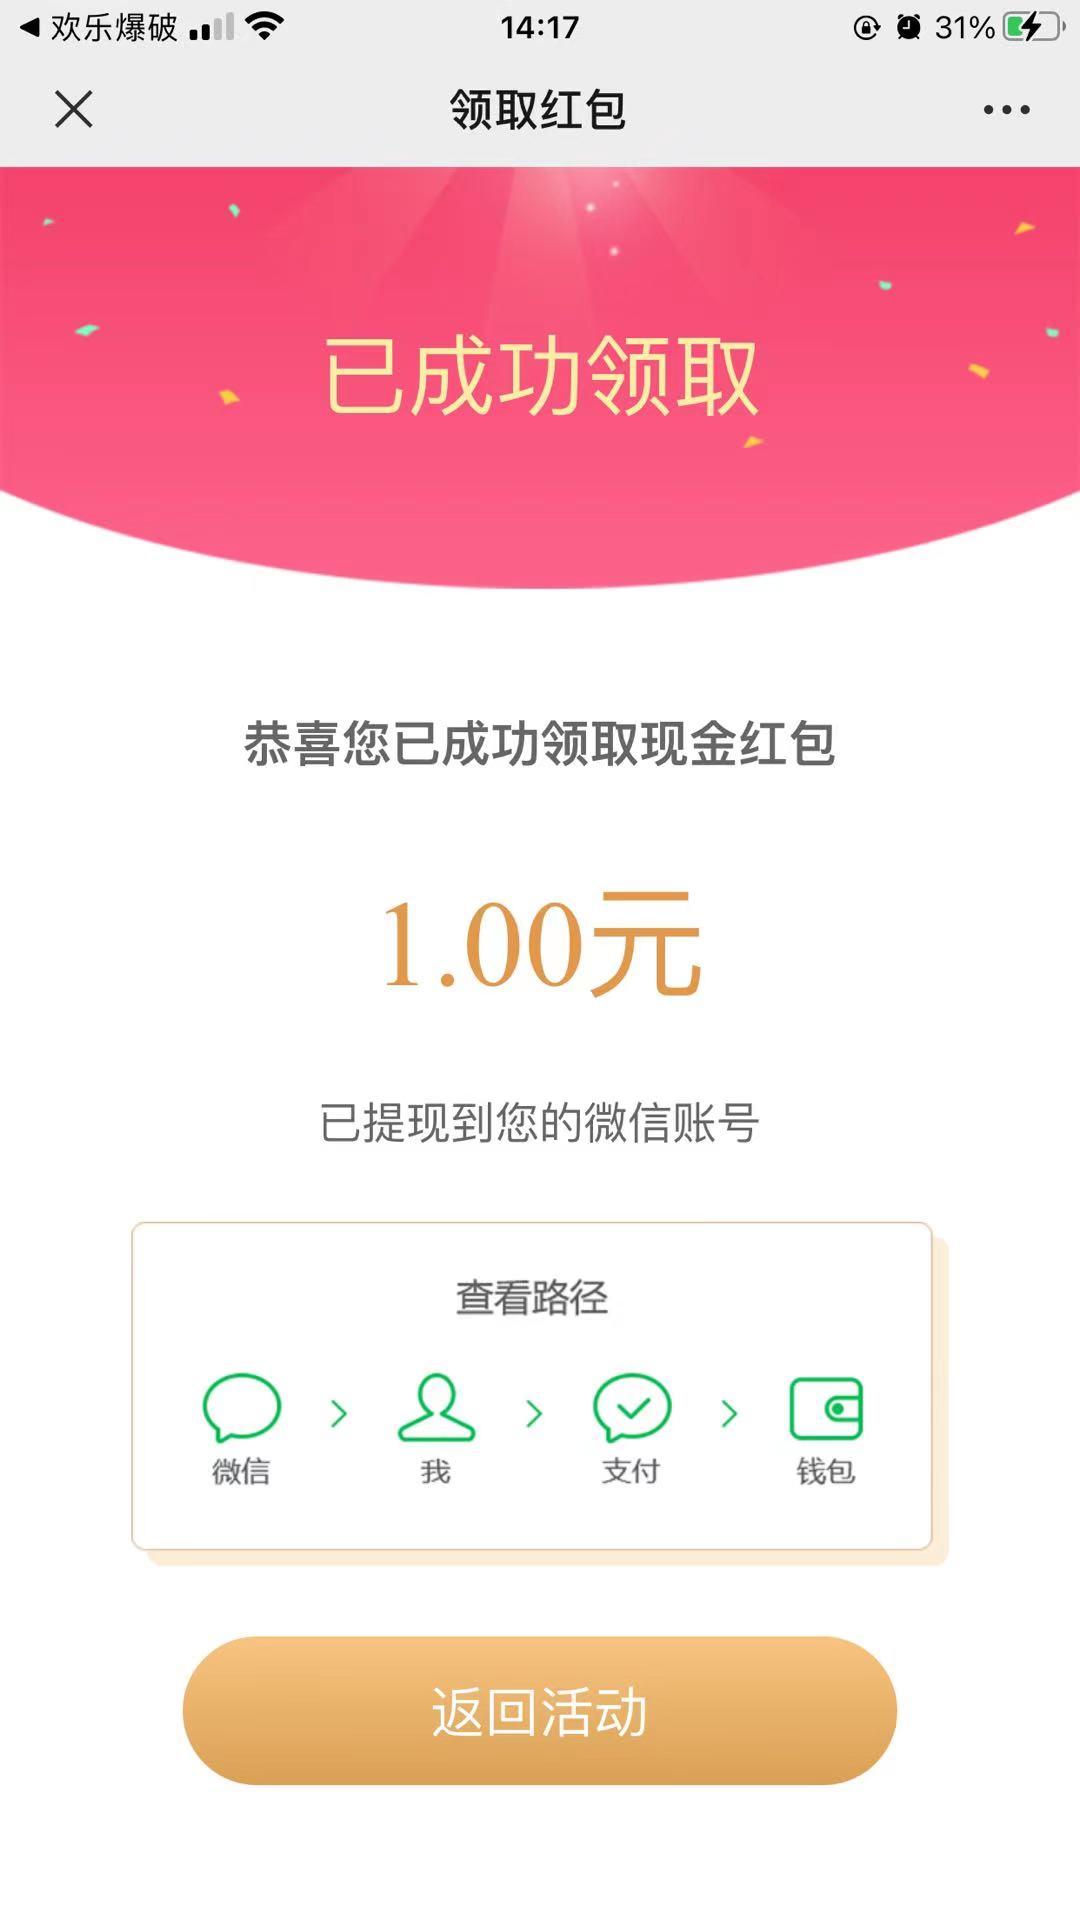 中国广州发步公众号抽红包大水插图